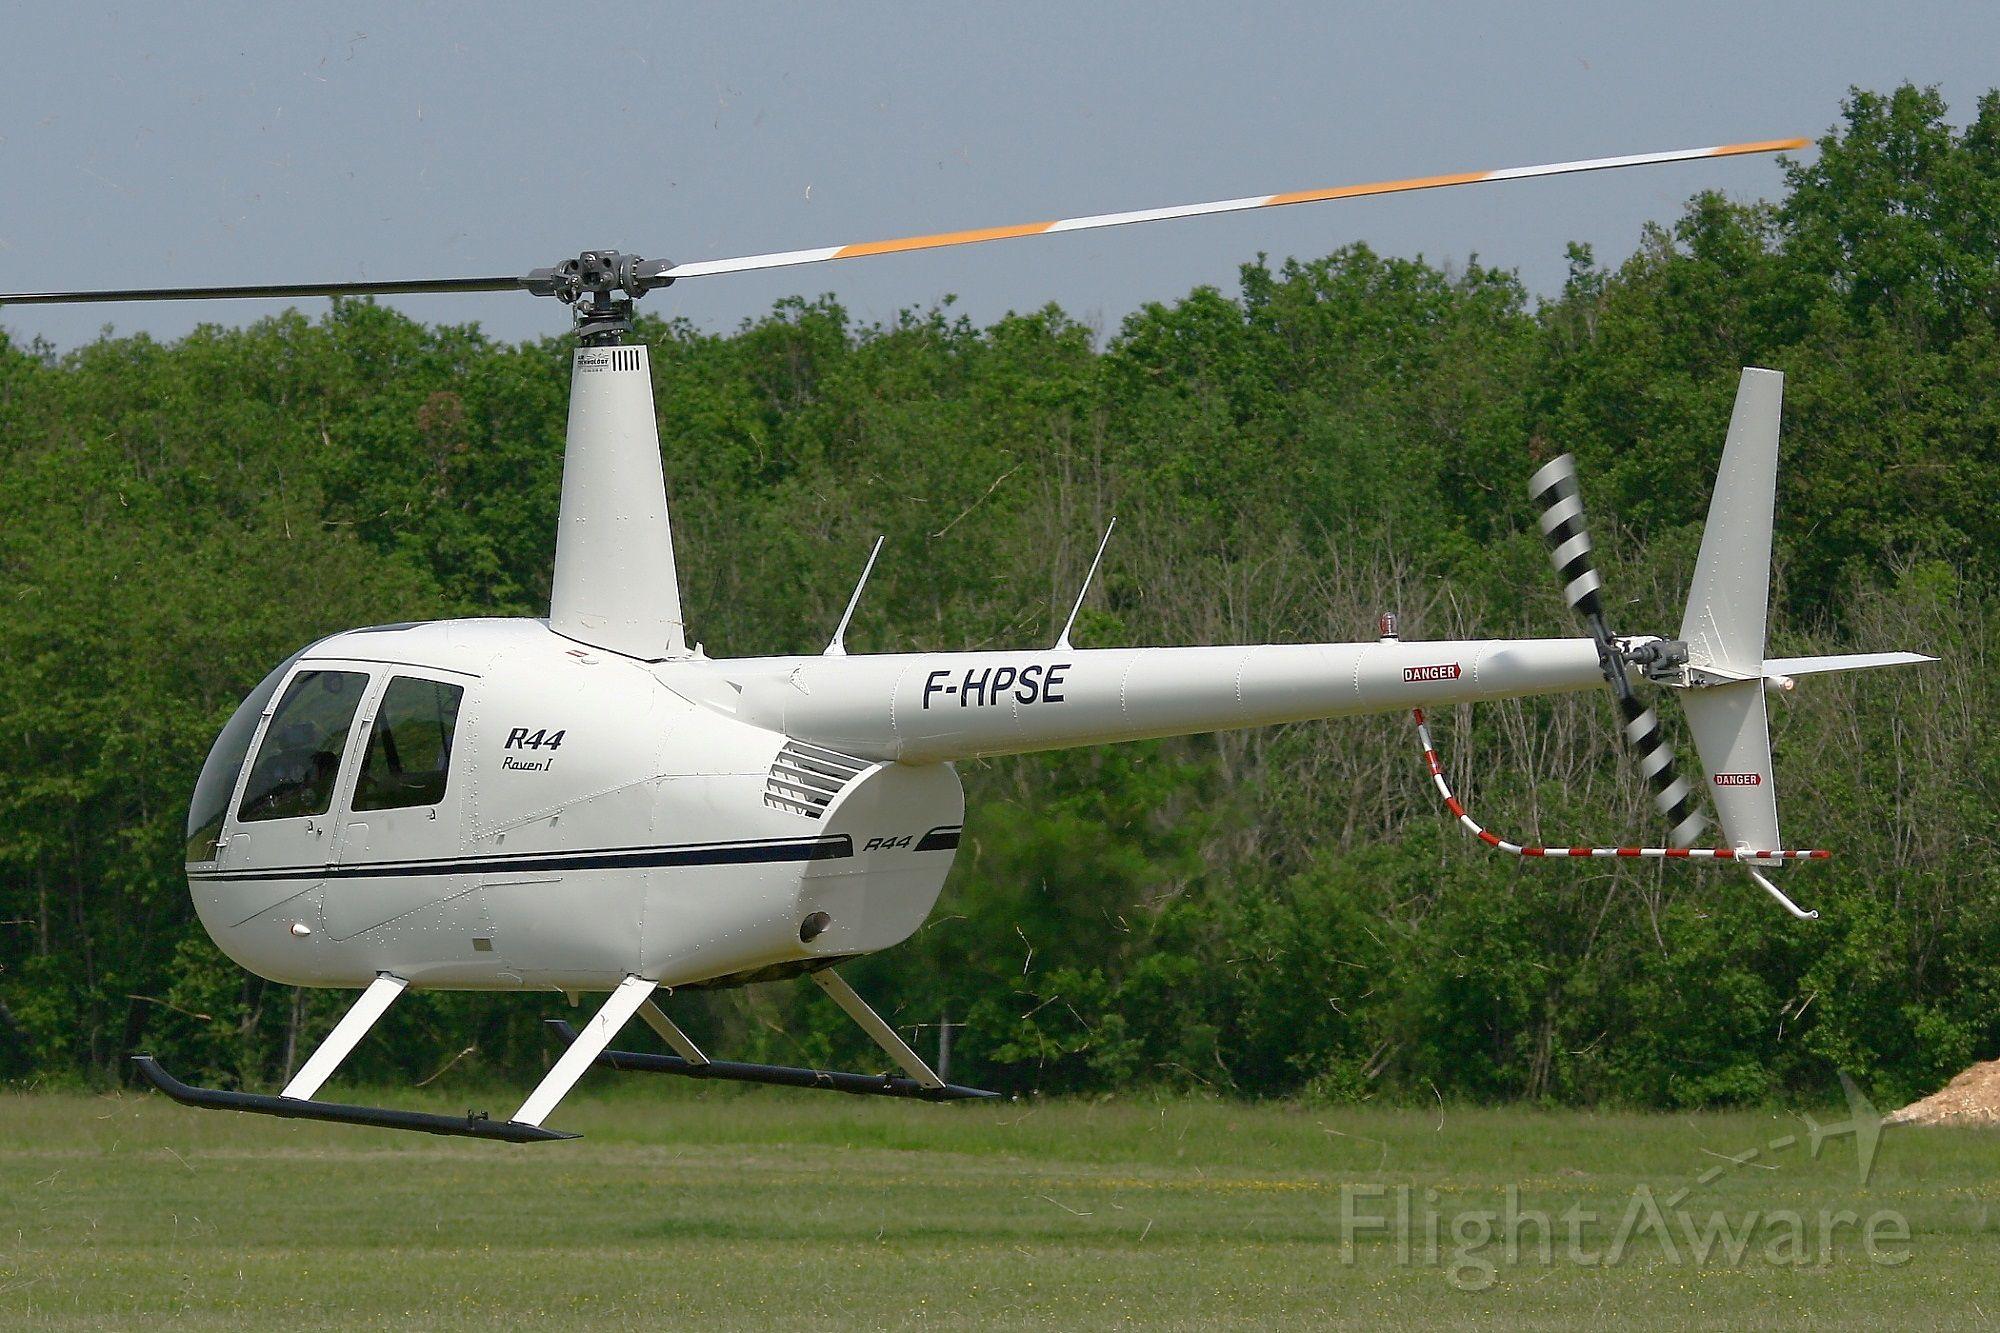 Robinson R-44 (F-HPSE) - Robinson R-44 Raven I, La Ferté-Alais Airfield (LFFQ) Air Show (Le Temps Des Hélices)